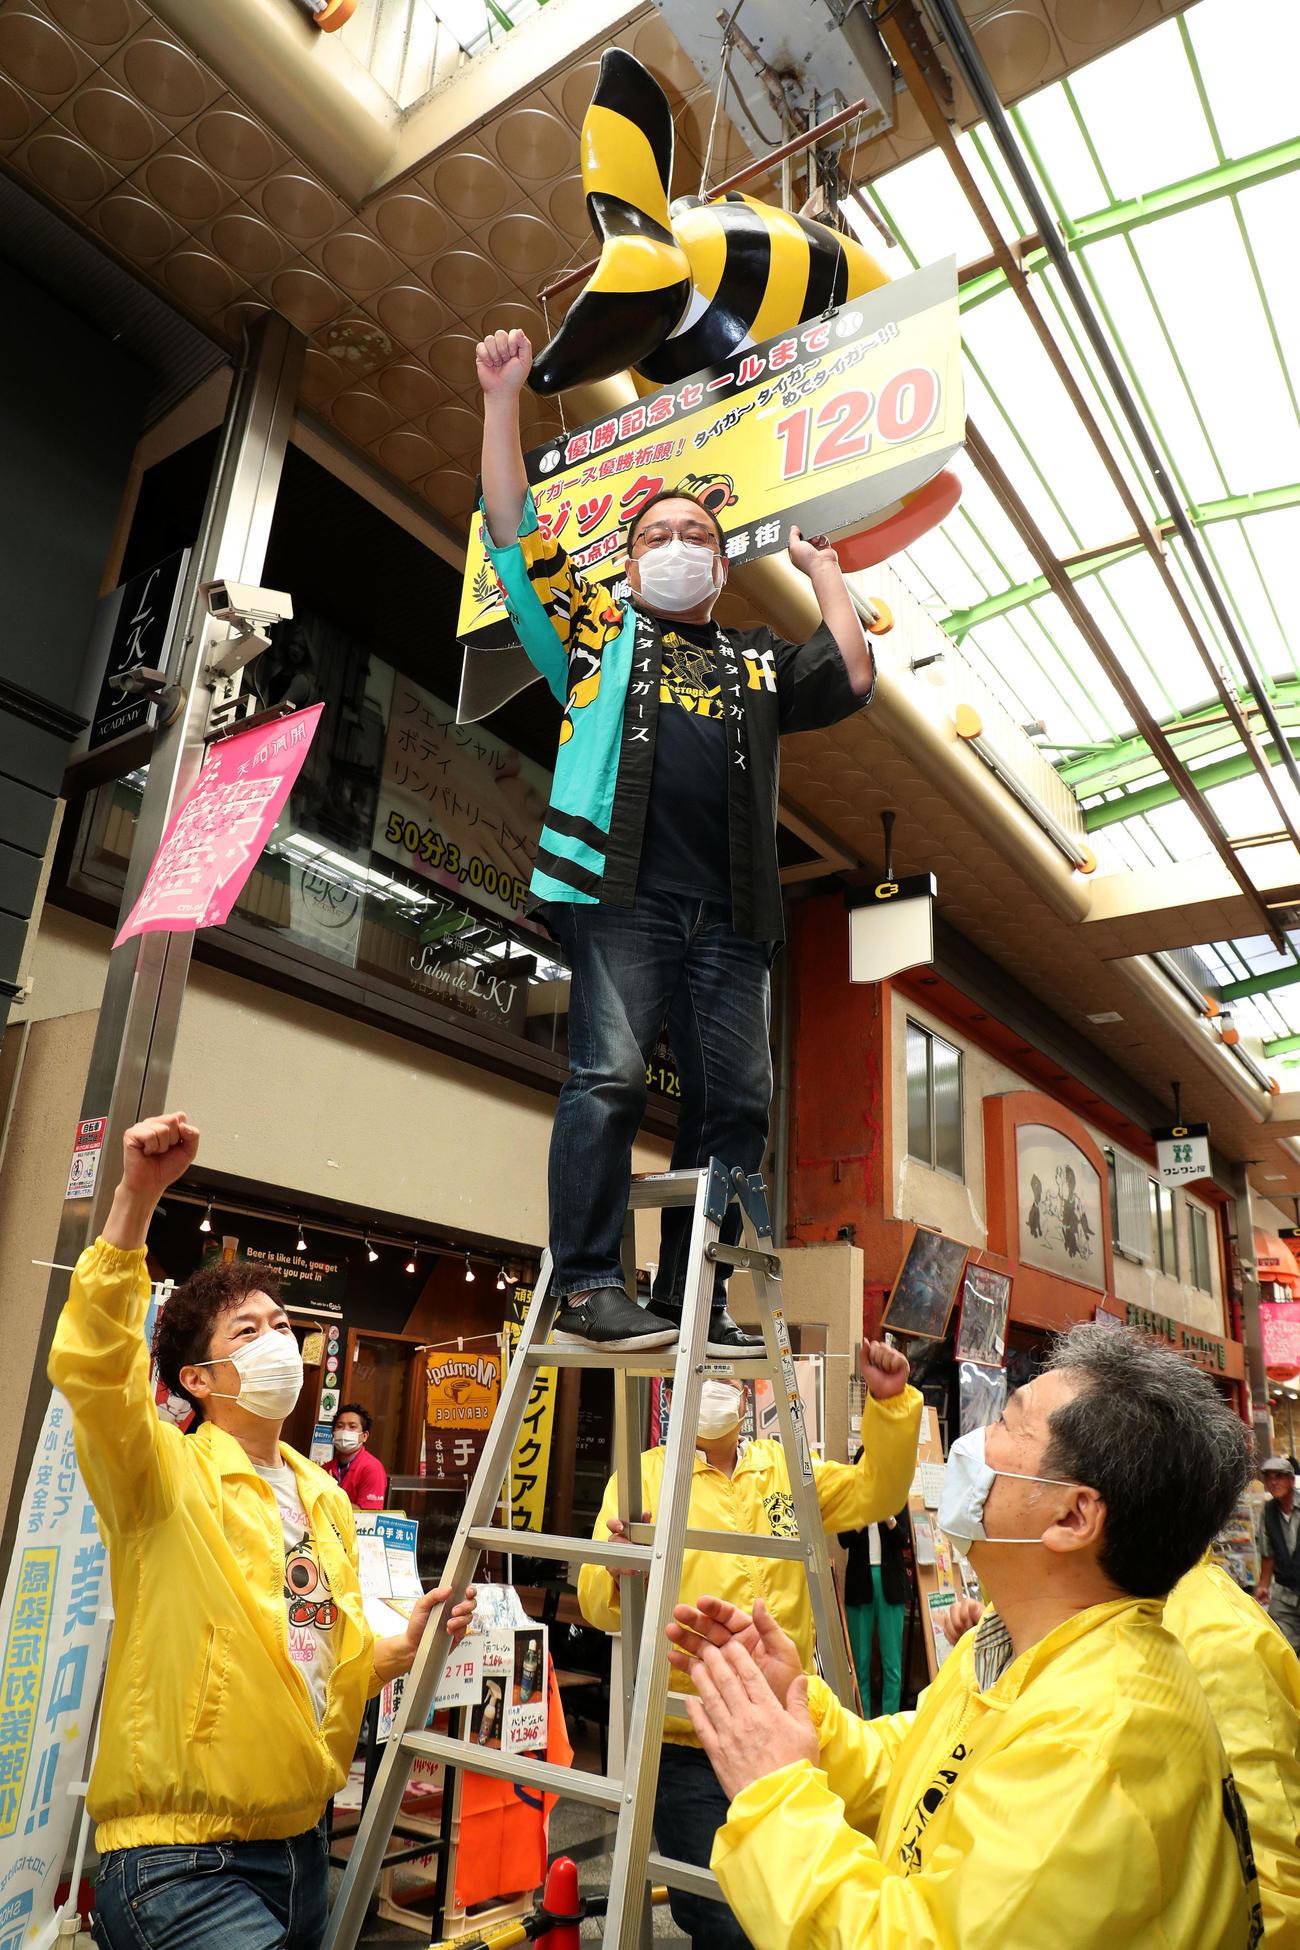 日本一早いマジック点灯式で、阪神のマジック120が点灯して盛り上がる尼崎中央三番街(撮影・白石智彦)